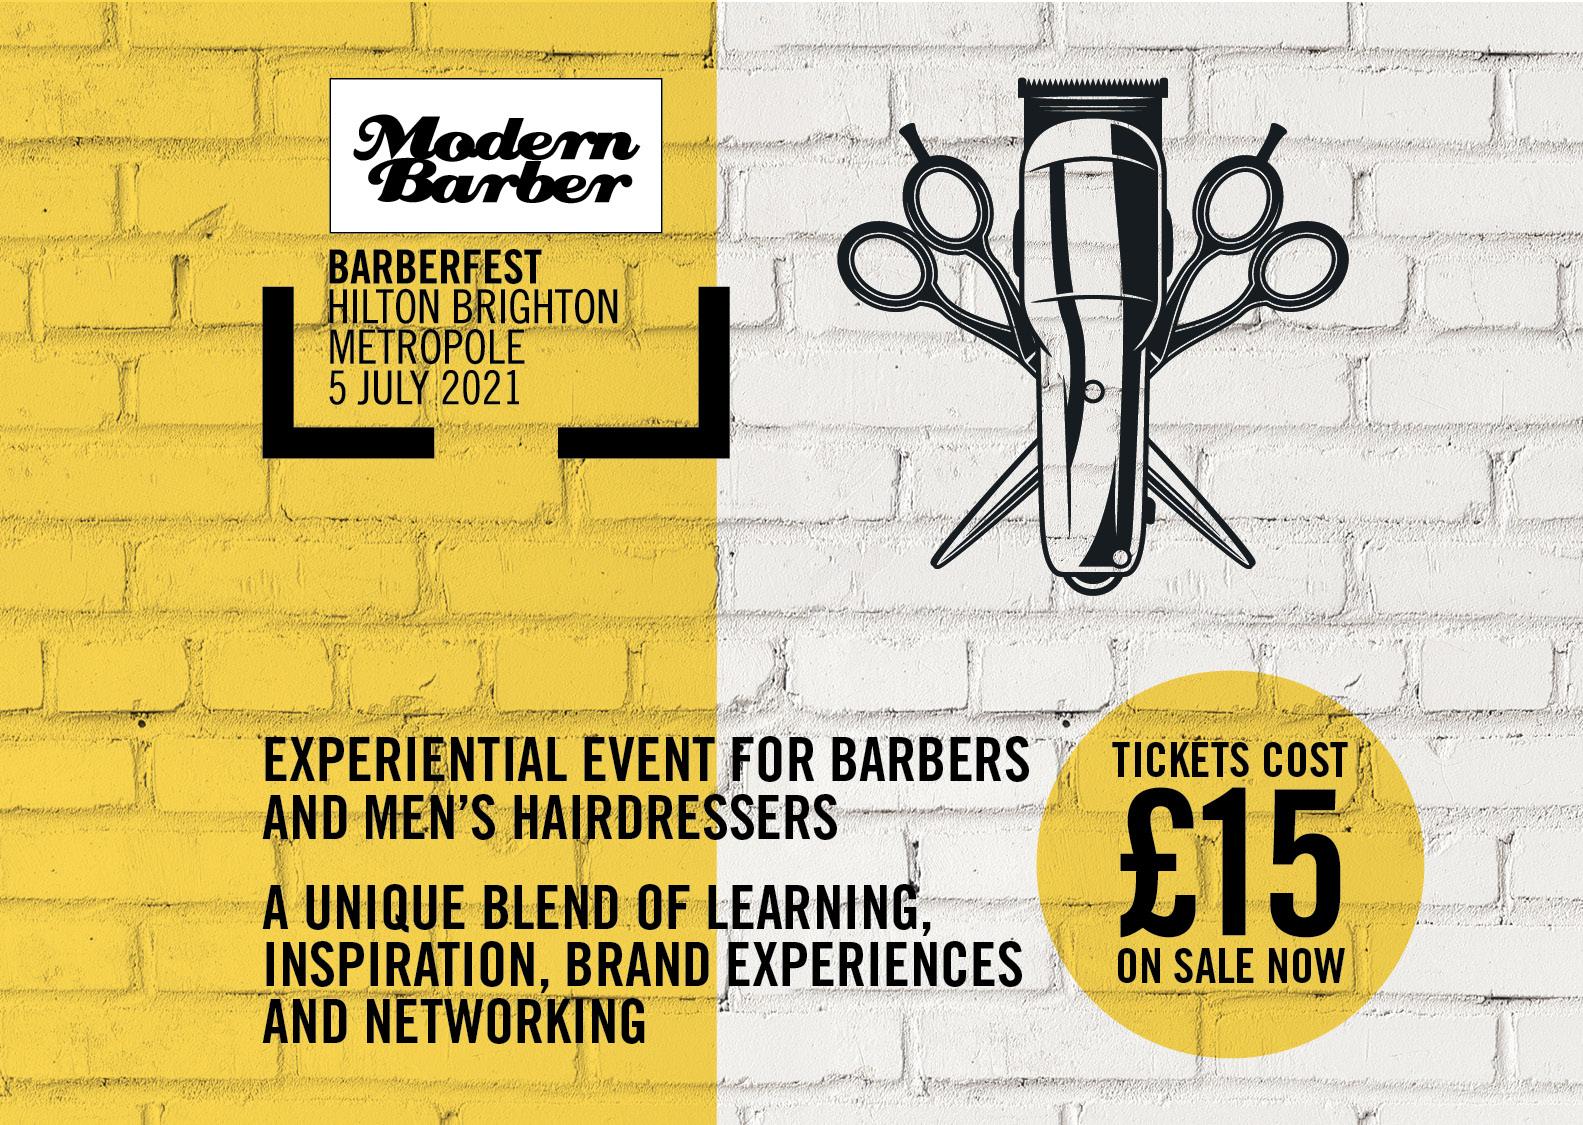 barberfest